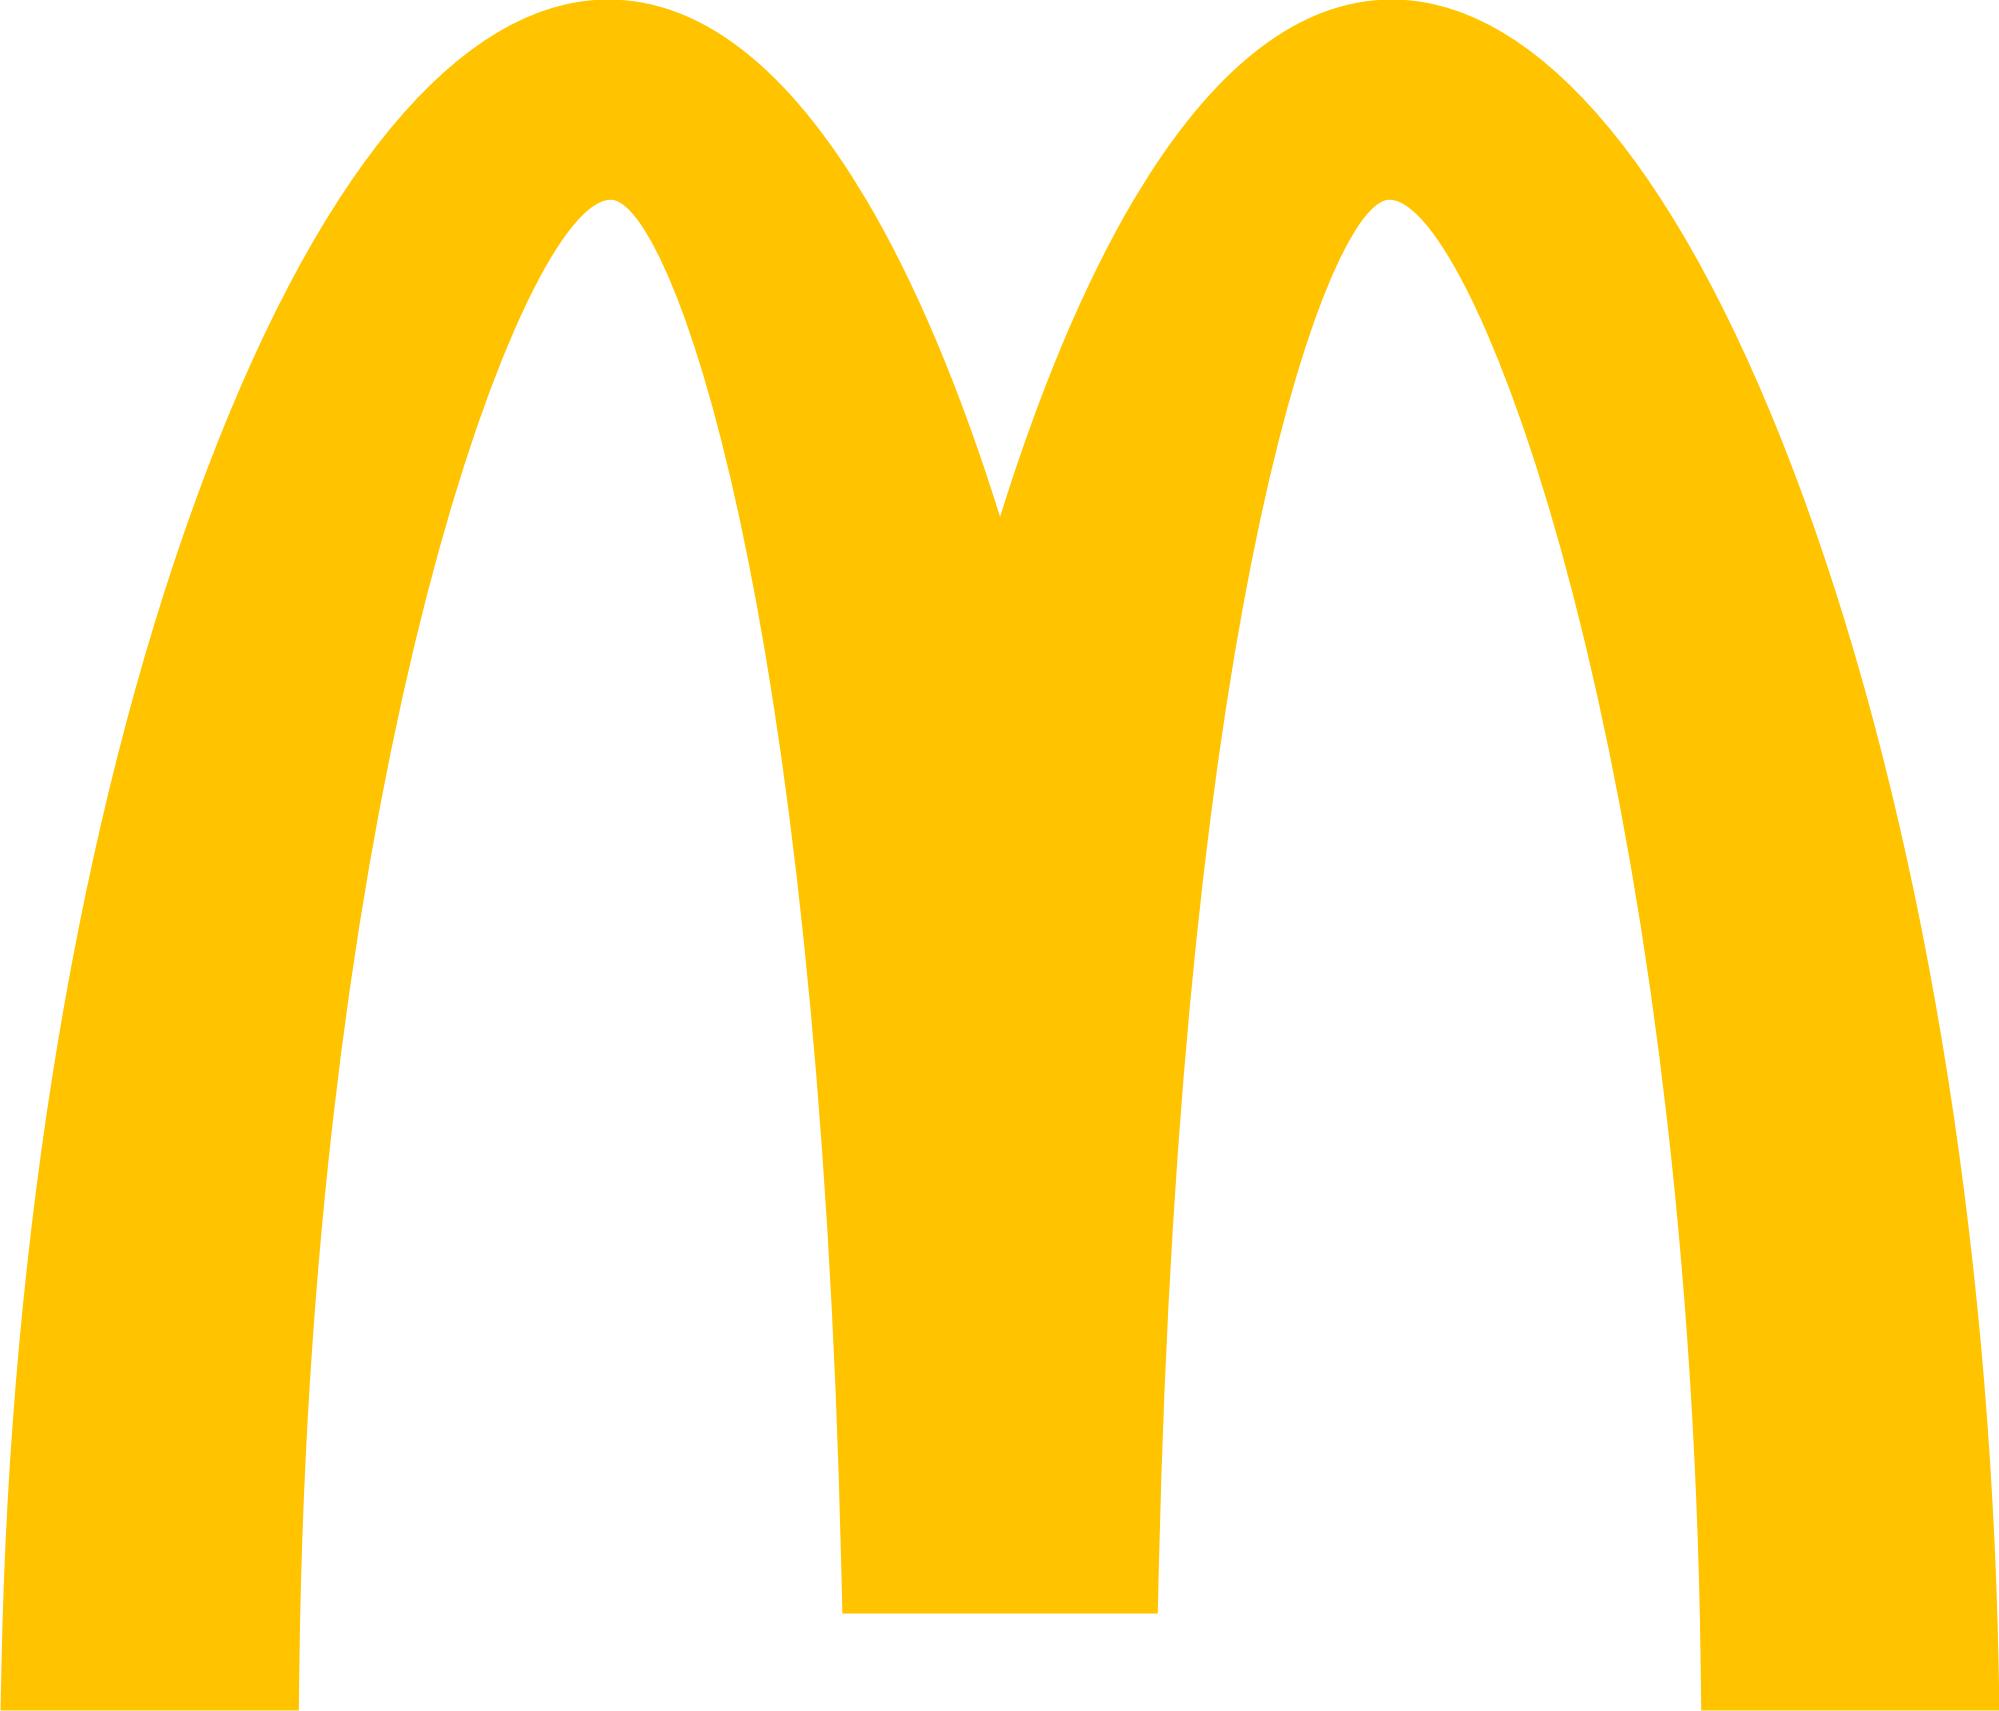 Mcdonald clipart jpg download Mcdonalds Clipart   Free download best Mcdonalds Clipart on ... jpg download